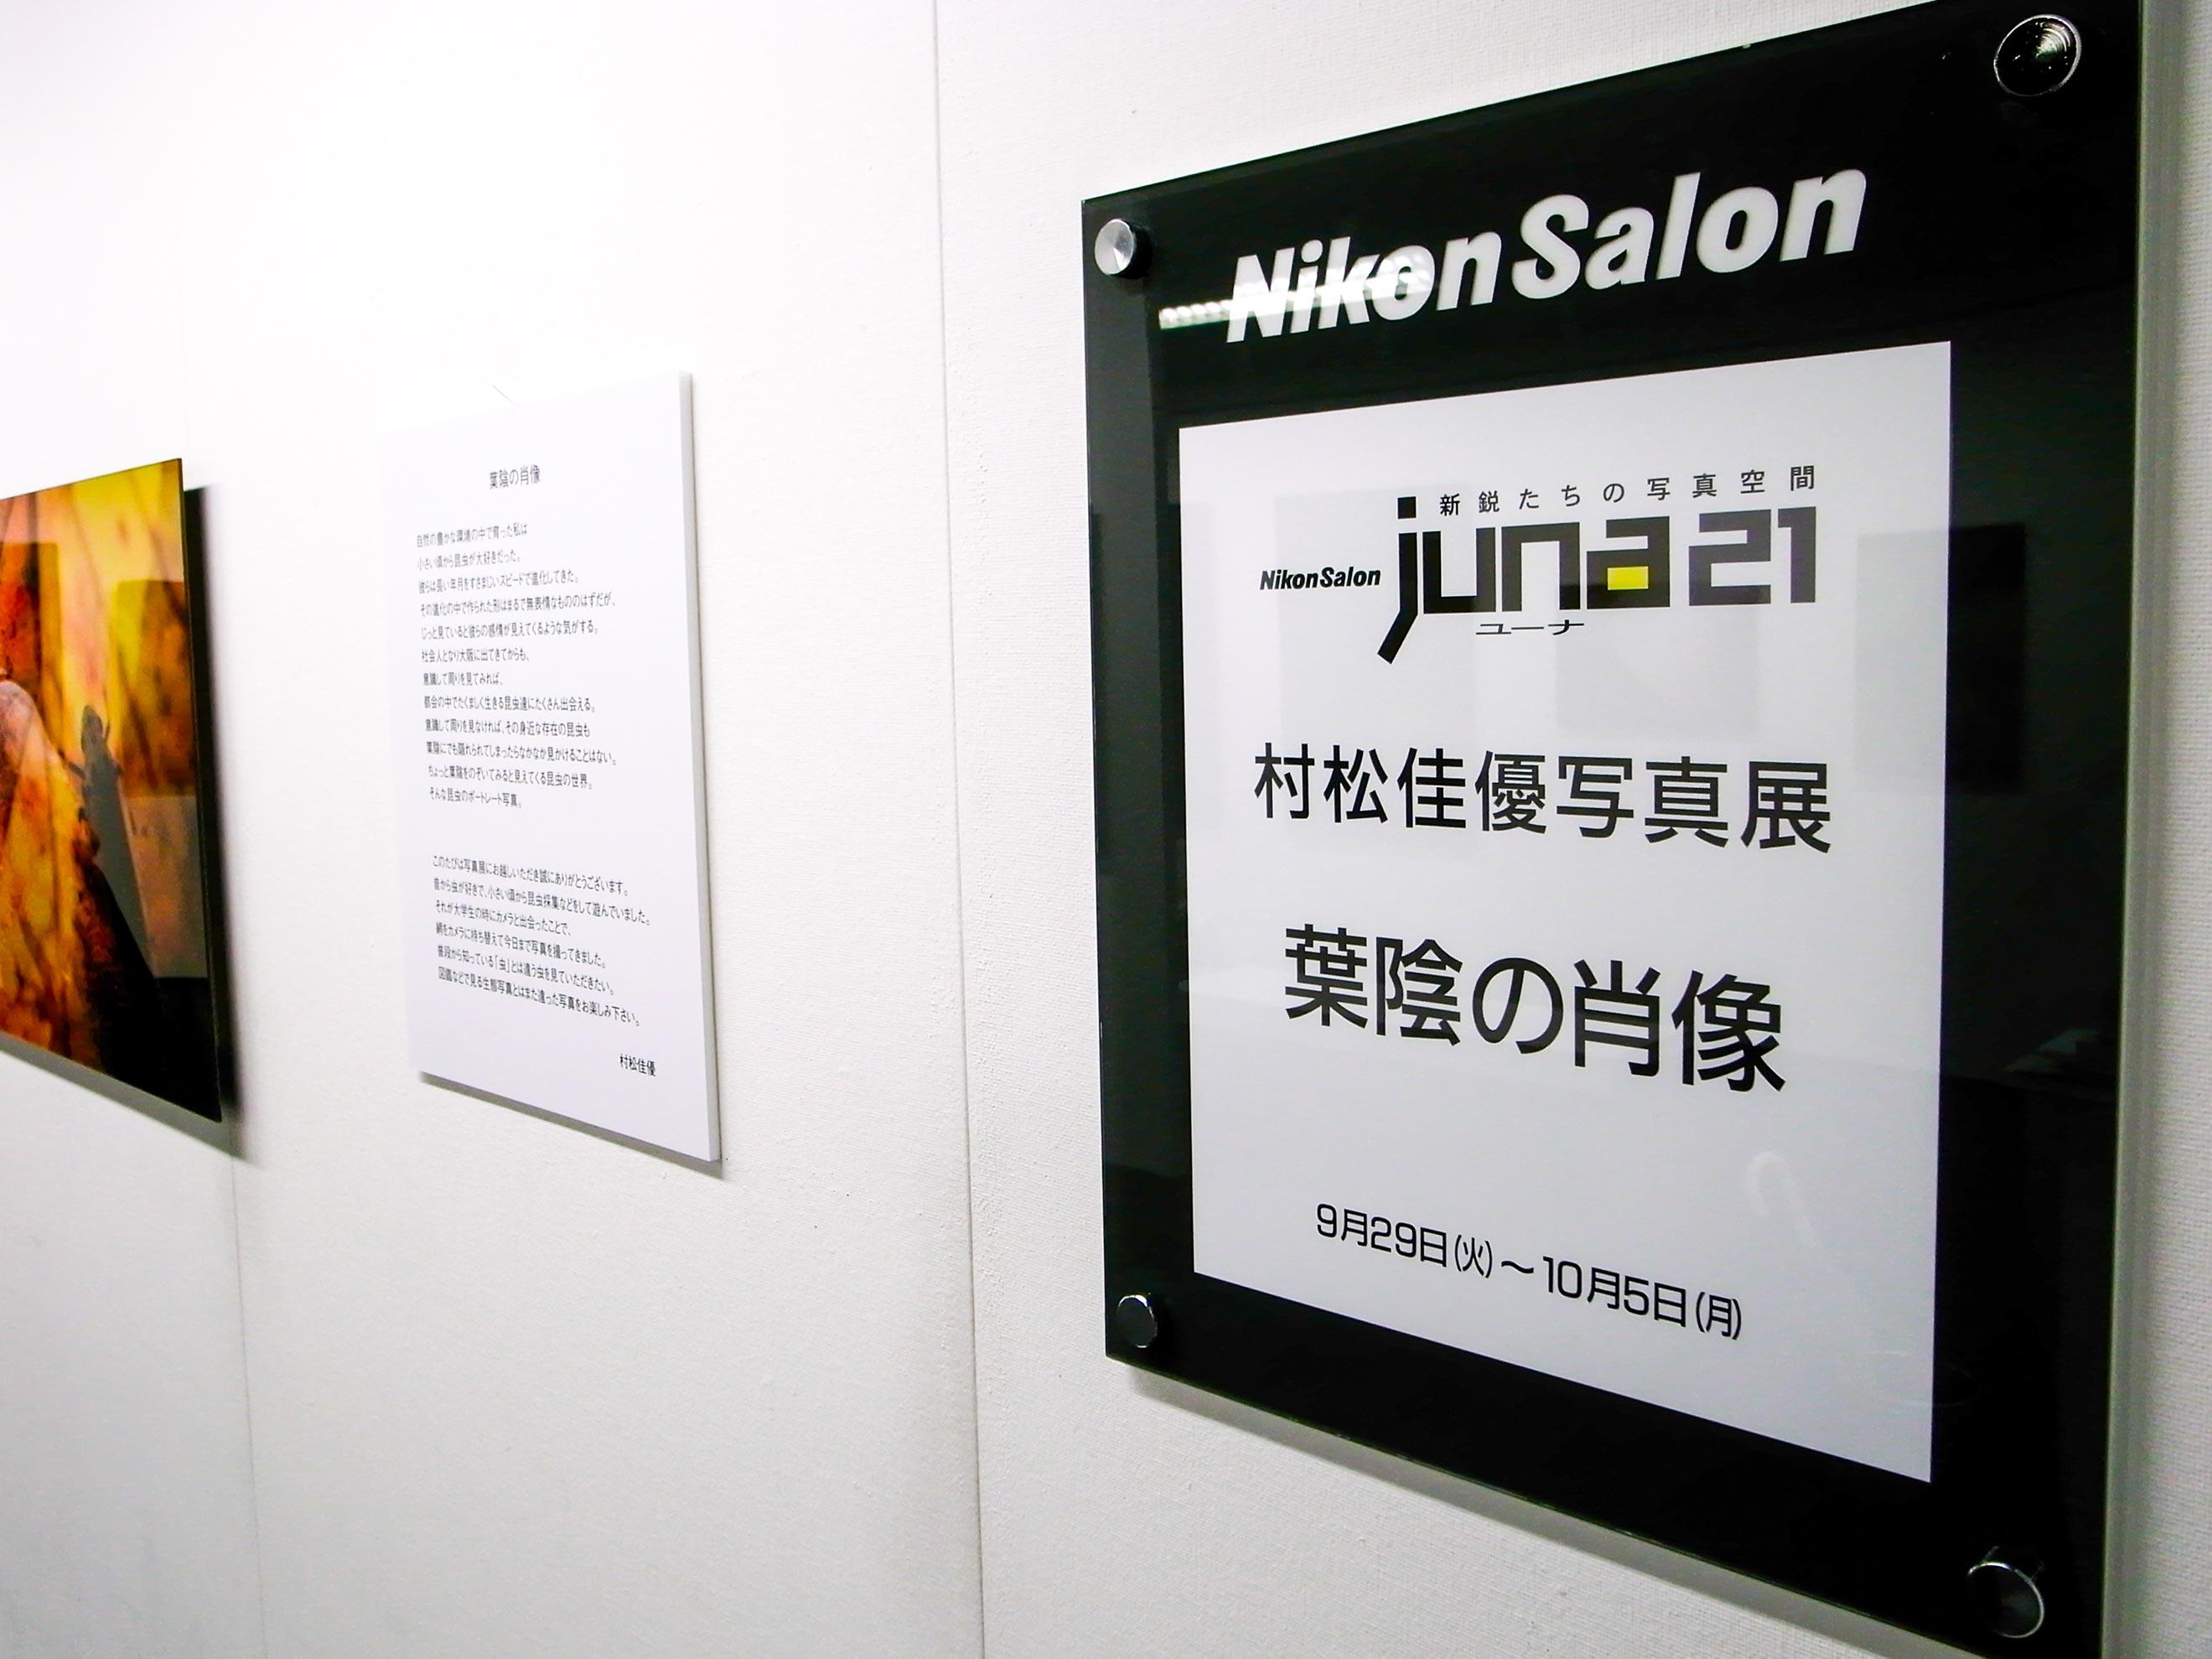 ニコンサロン東京の写真